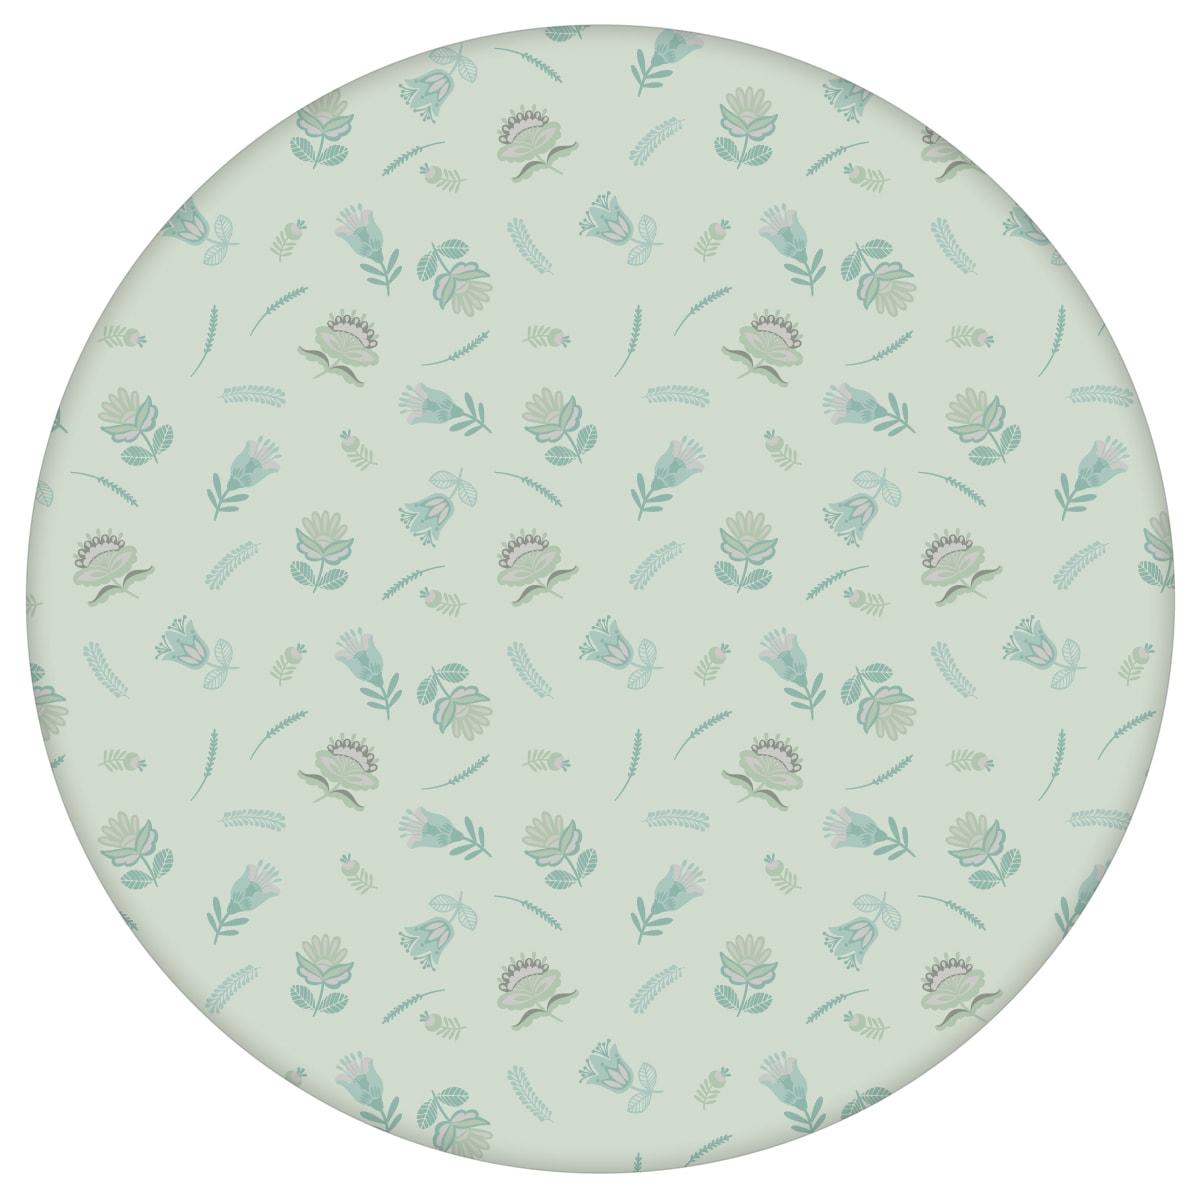 Folklore Streublümchen Tapete mit kleinen Blüten, mint grüne Vlies-Tapete Blumen, exotische Wanddeko für Schlafzimmeraus dem GMM-BERLIN.com Sortiment: grüne Tapete zur Raumgestaltung: #00132 #blumen #Blumentapete #Exotik #Grüne Tapete #Indien #mint #schlafzimmer #Streublümchen für individuelles Interiordesign